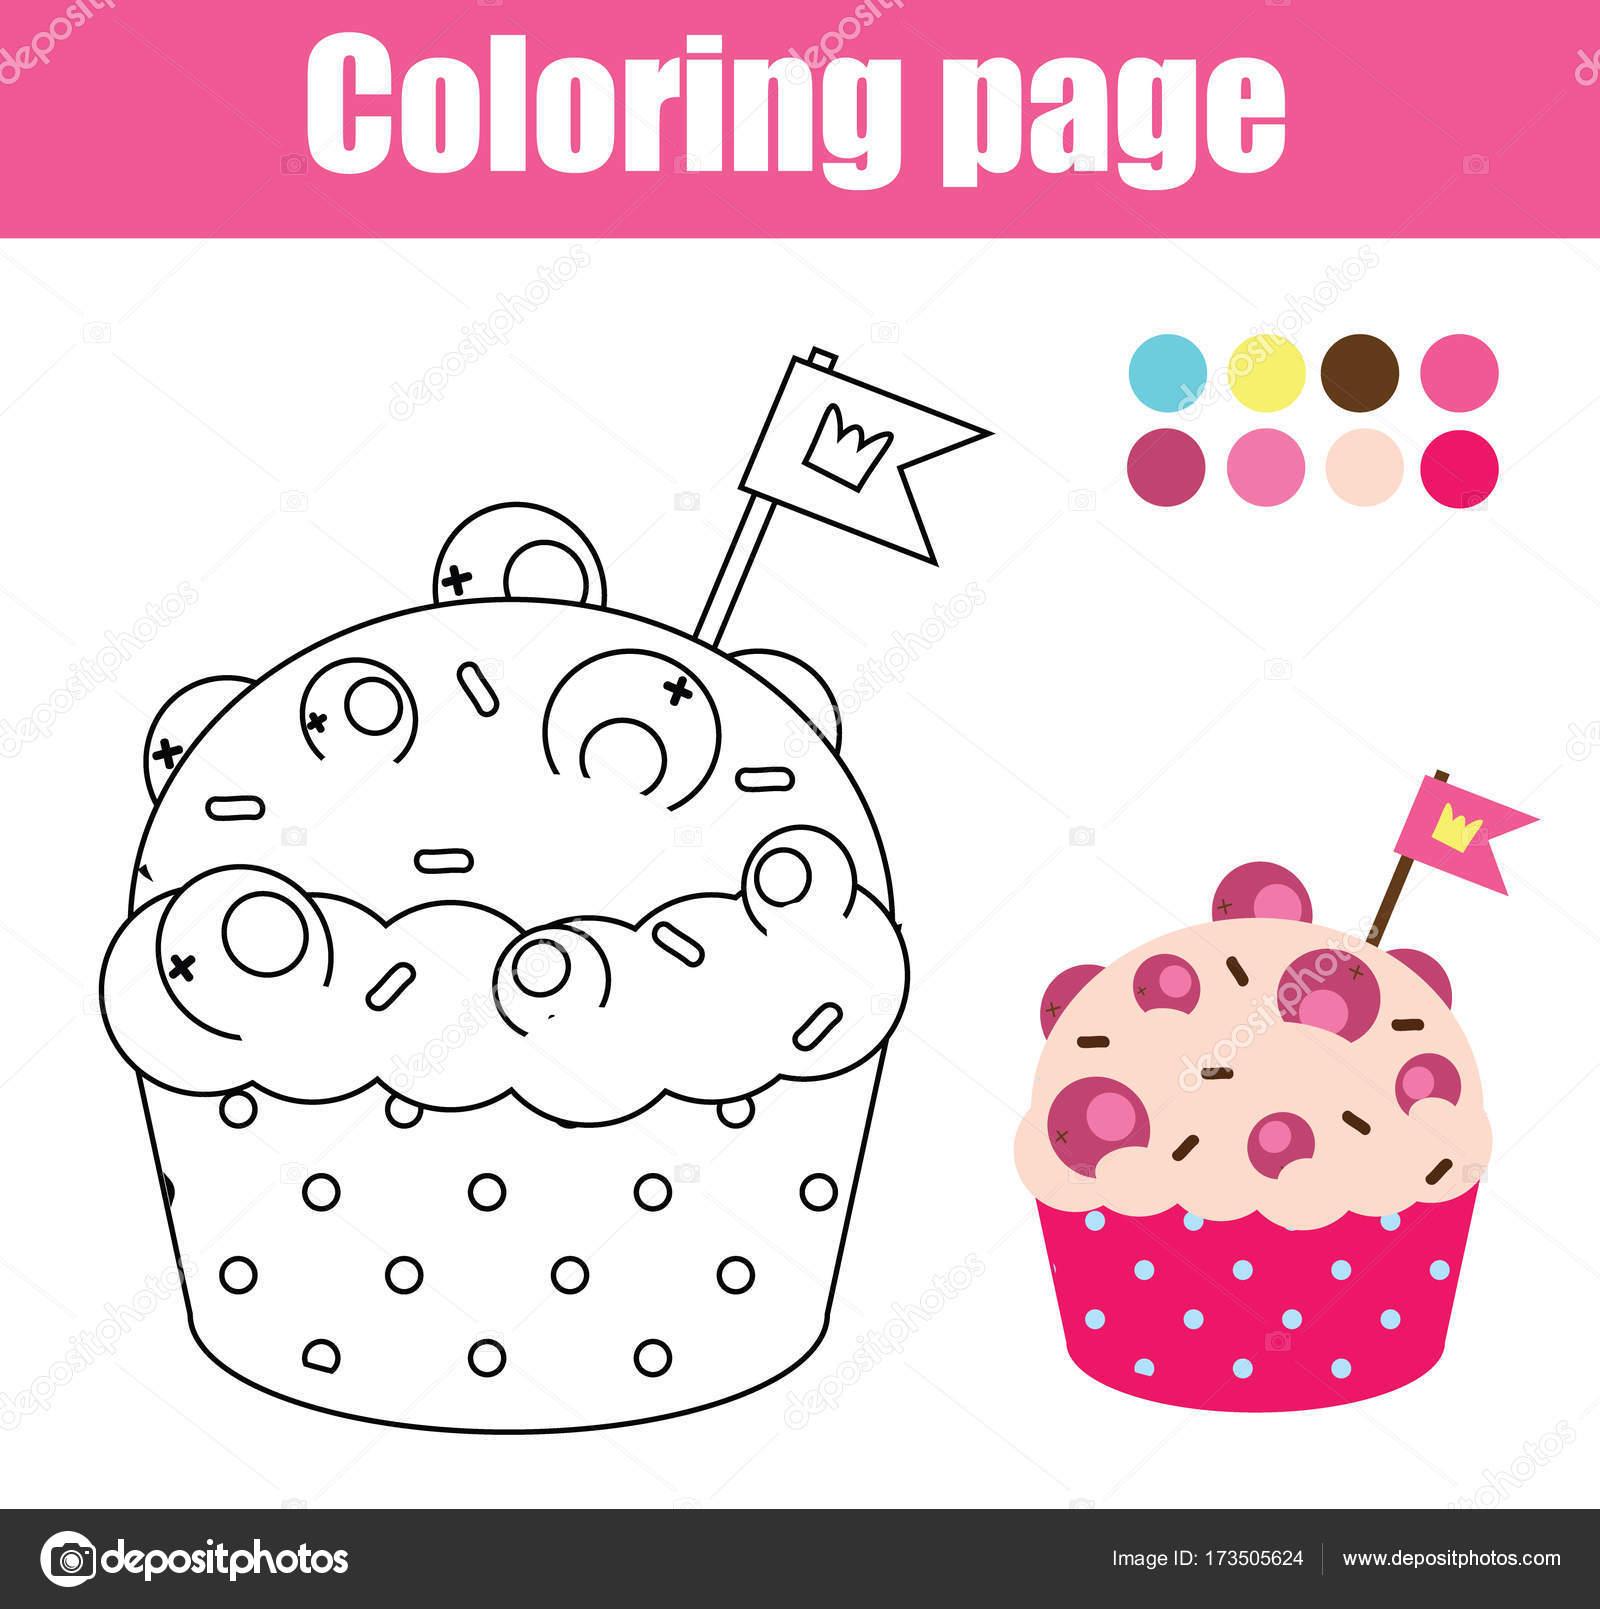 Malvorlagen mit Cupcake. Zeichnung-Kinder-Spiel. Druckbare Aktivität ...